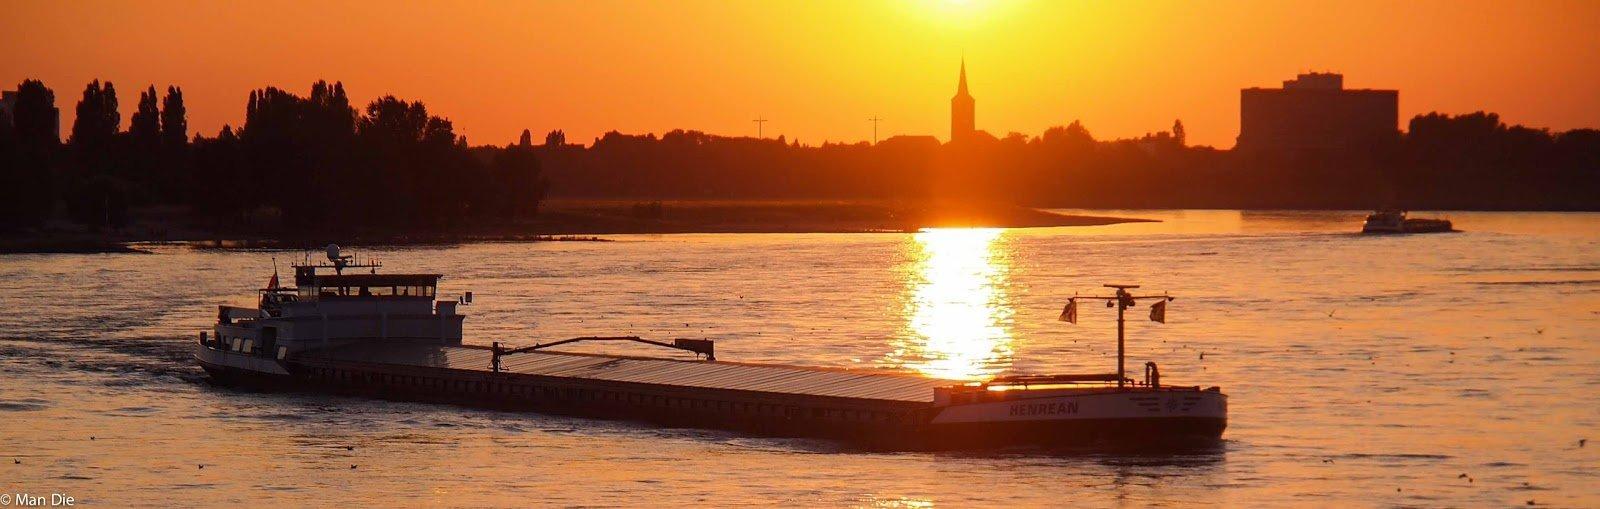 Abend am Rhein